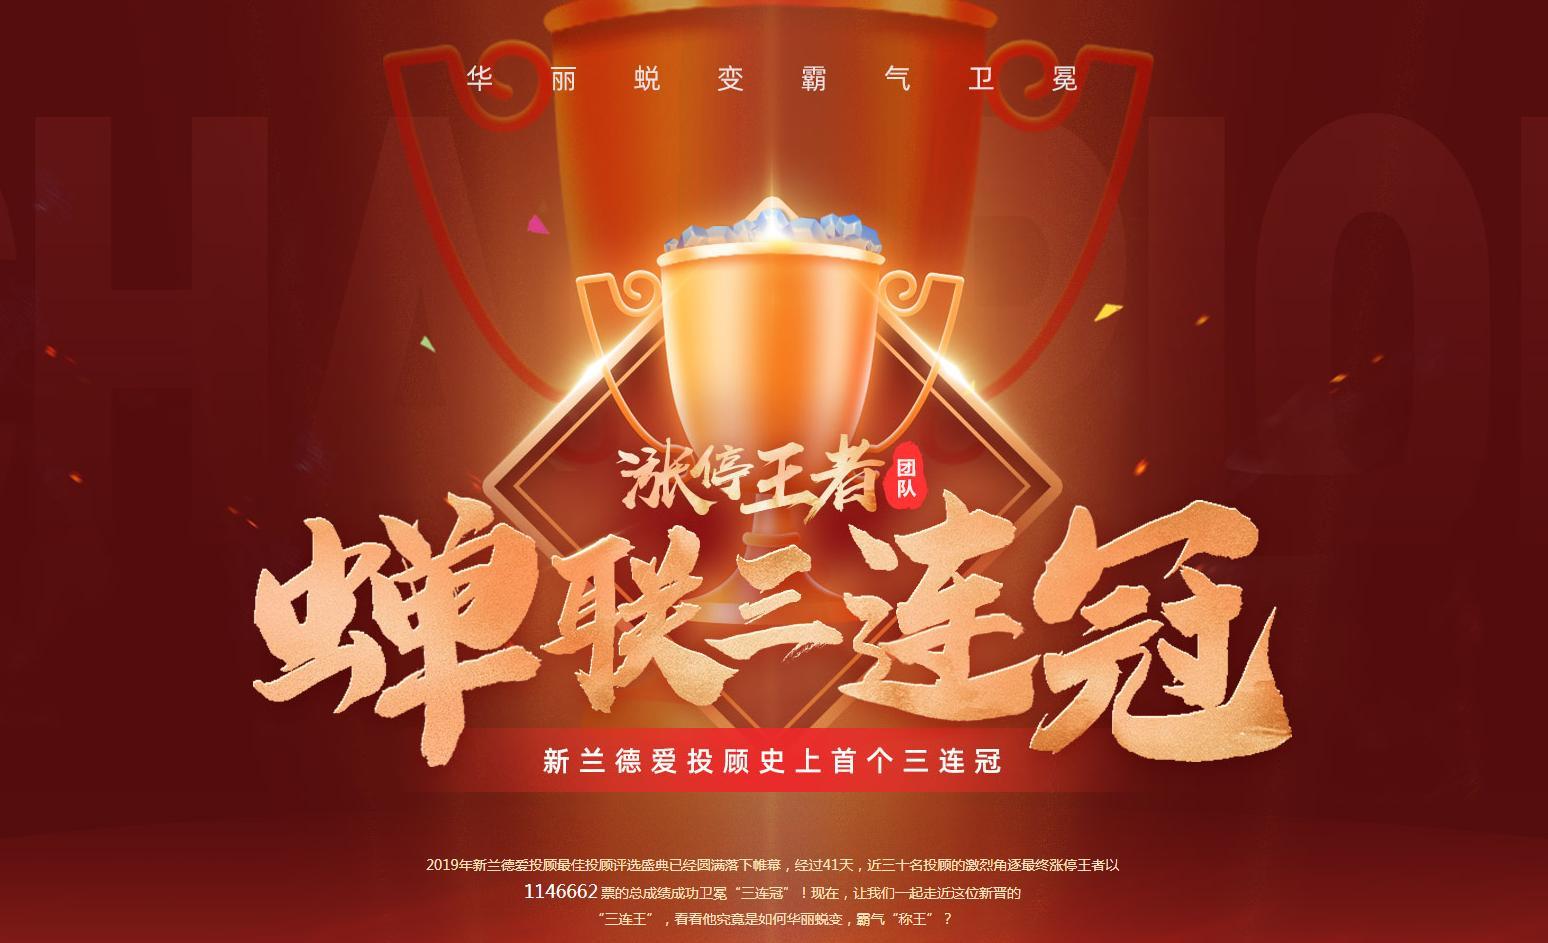 http://www.fanchuhou.com/tiyu/1703524.html